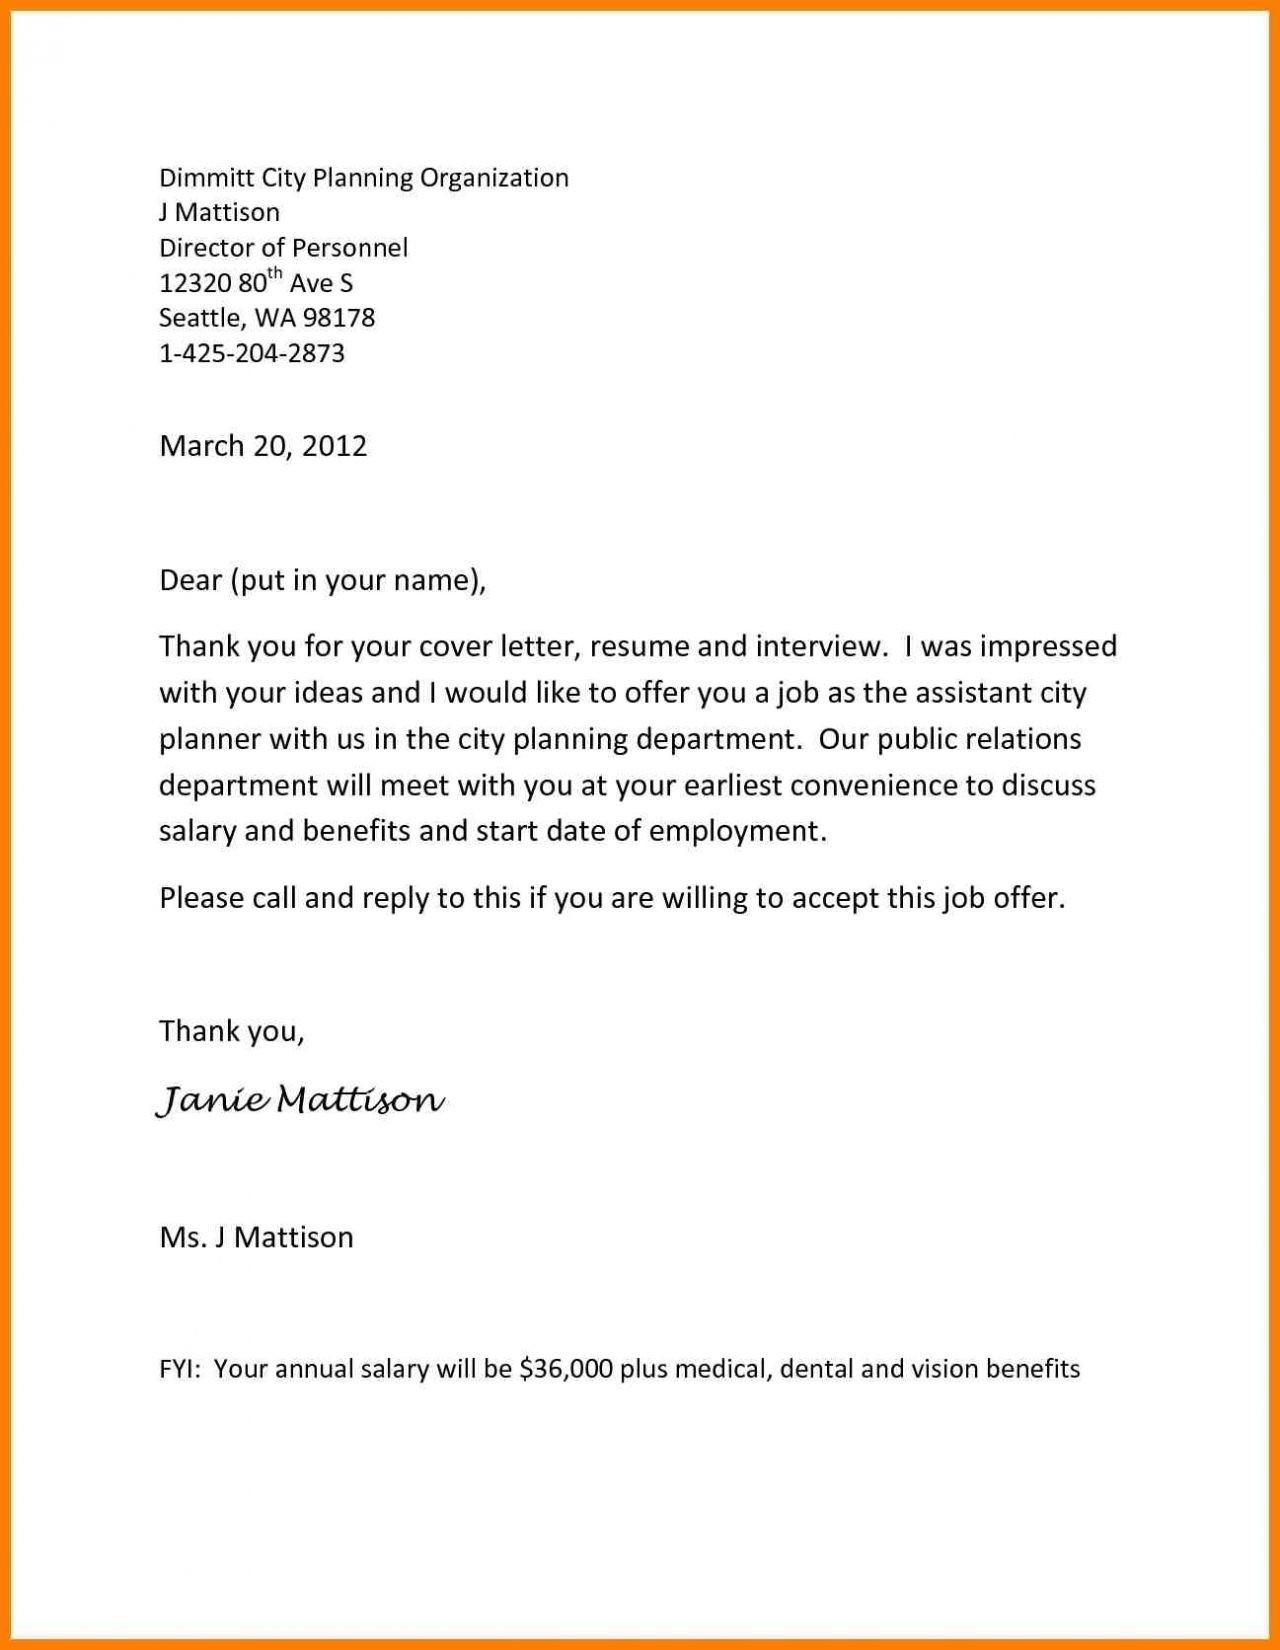 Job Offer Letter Template - Job Fer Letter Template Beautiful Job Fer Letter Template Us Copy